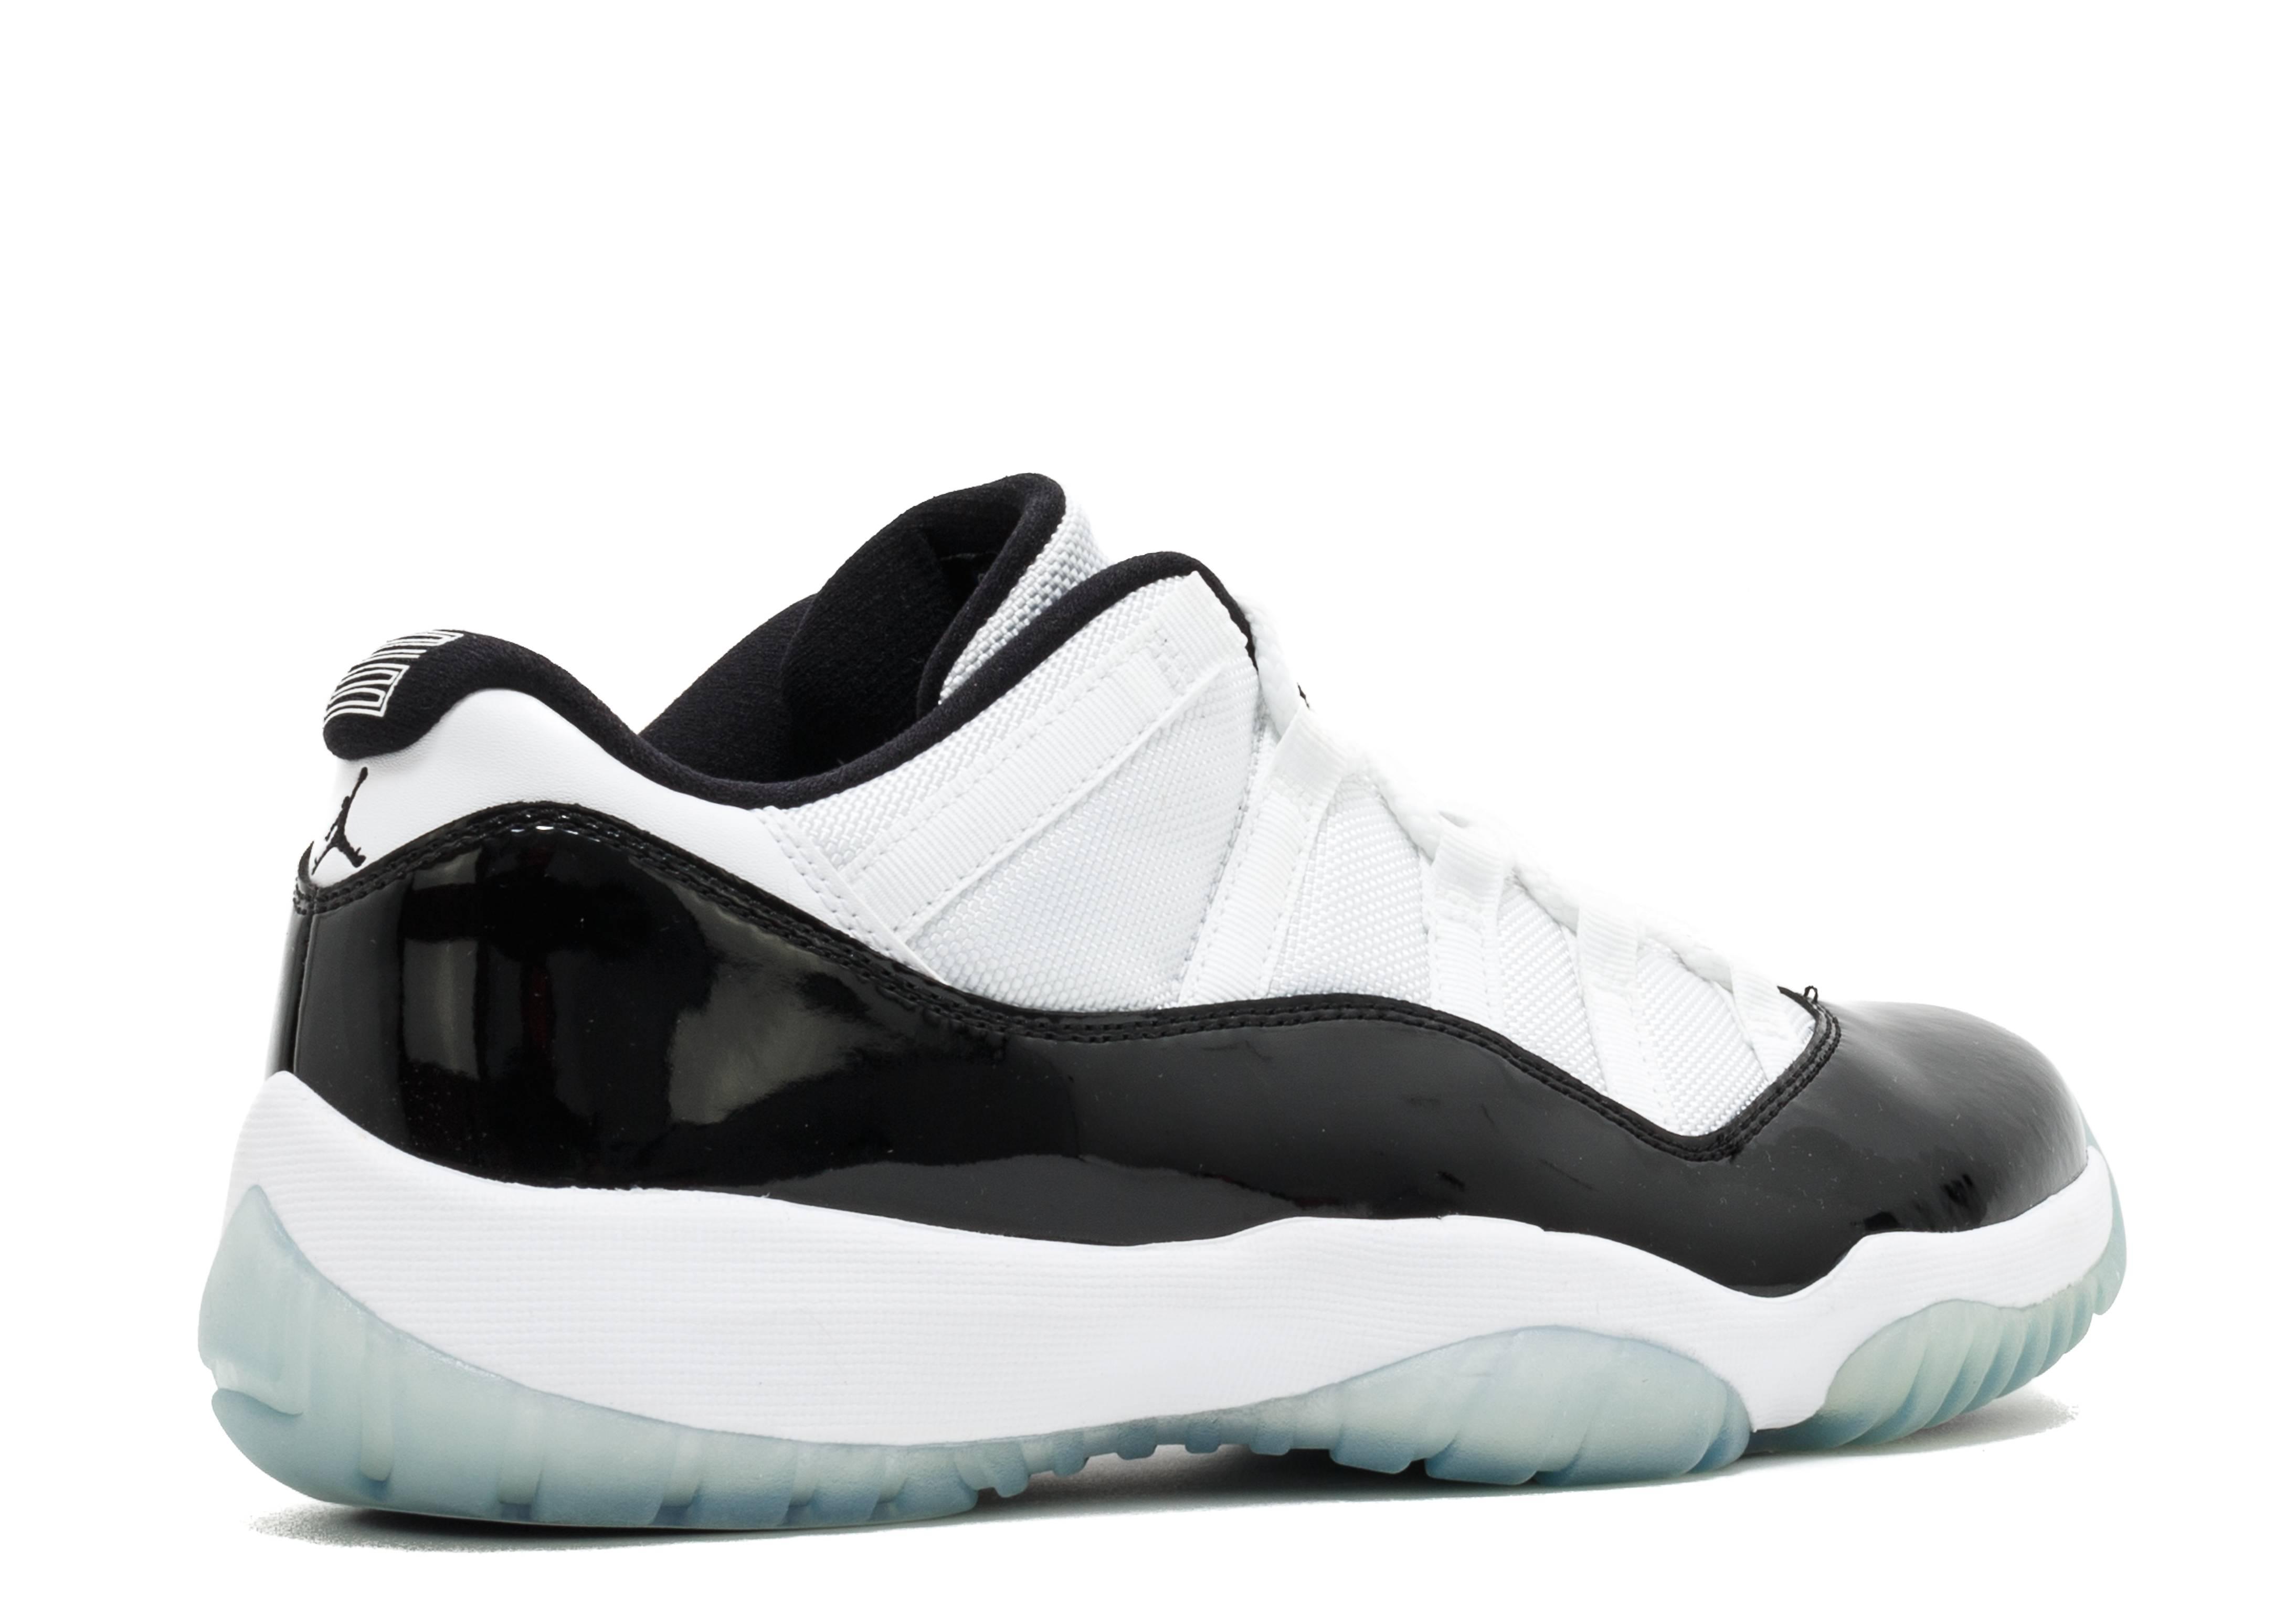 Nike Jordan 11 Low